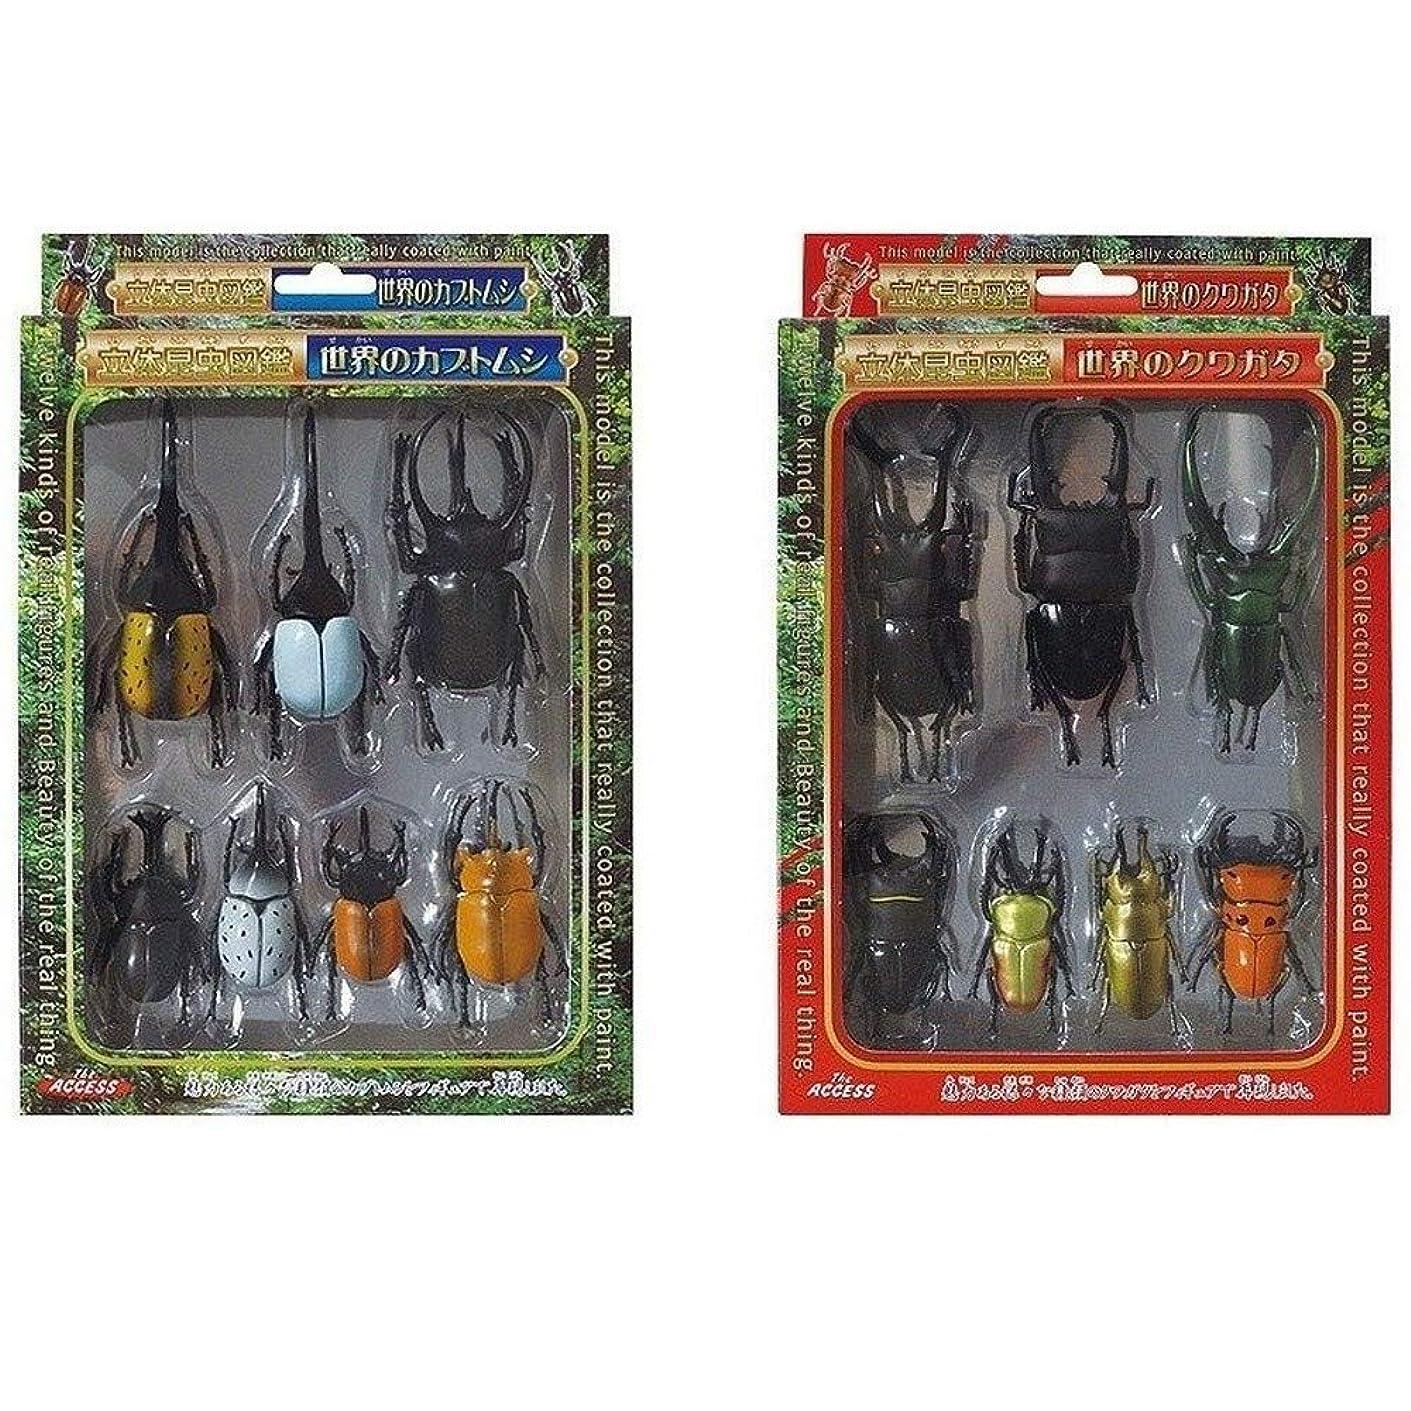 使用法申請中クレジット立体昆虫図鑑 世界のカブトムシ&世界のクワガタ 2個セット 昆虫 リアルフィギュア